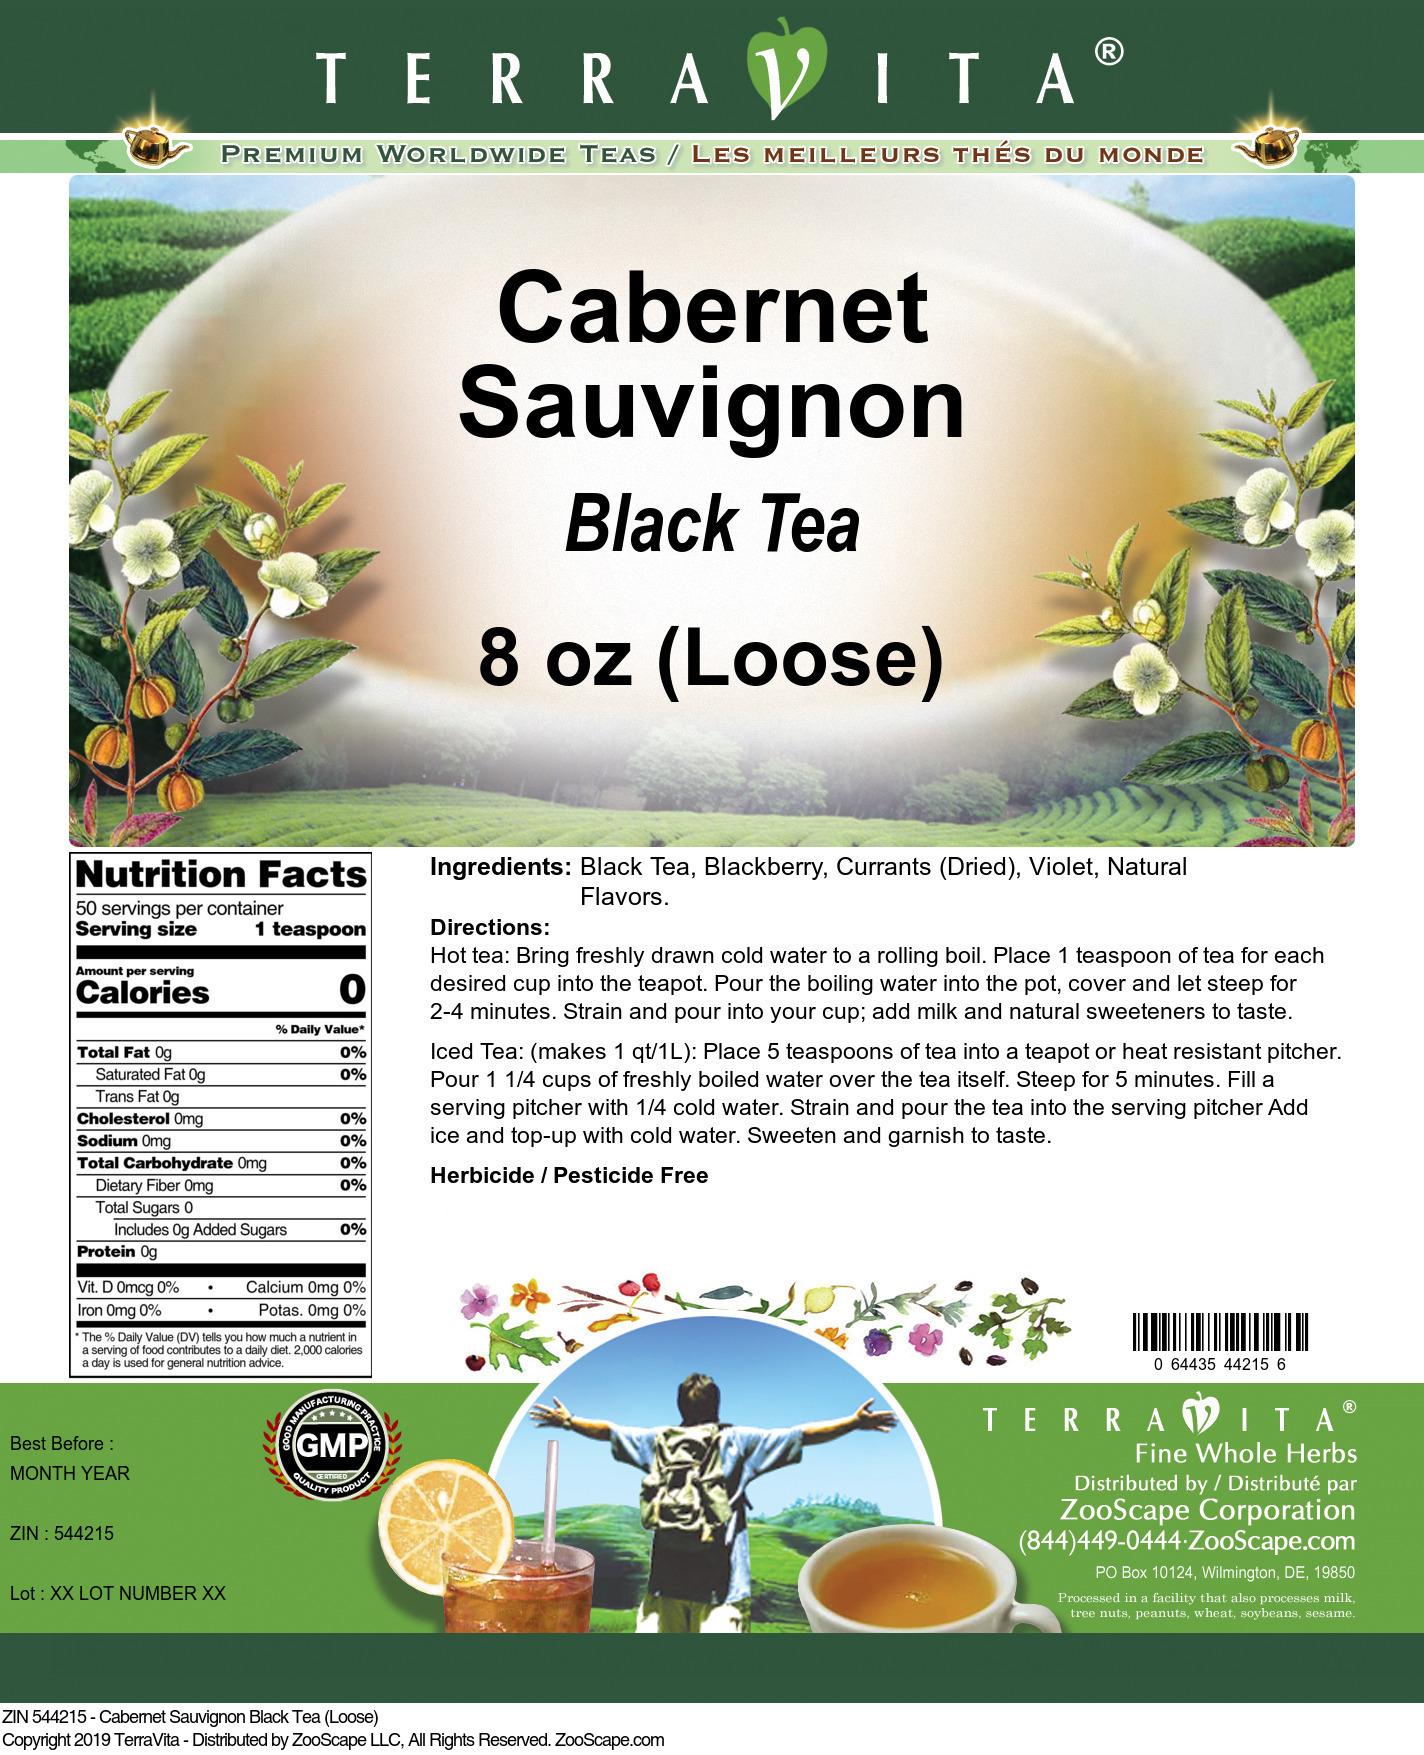 Cabernet Sauvignon Black Tea (Loose)